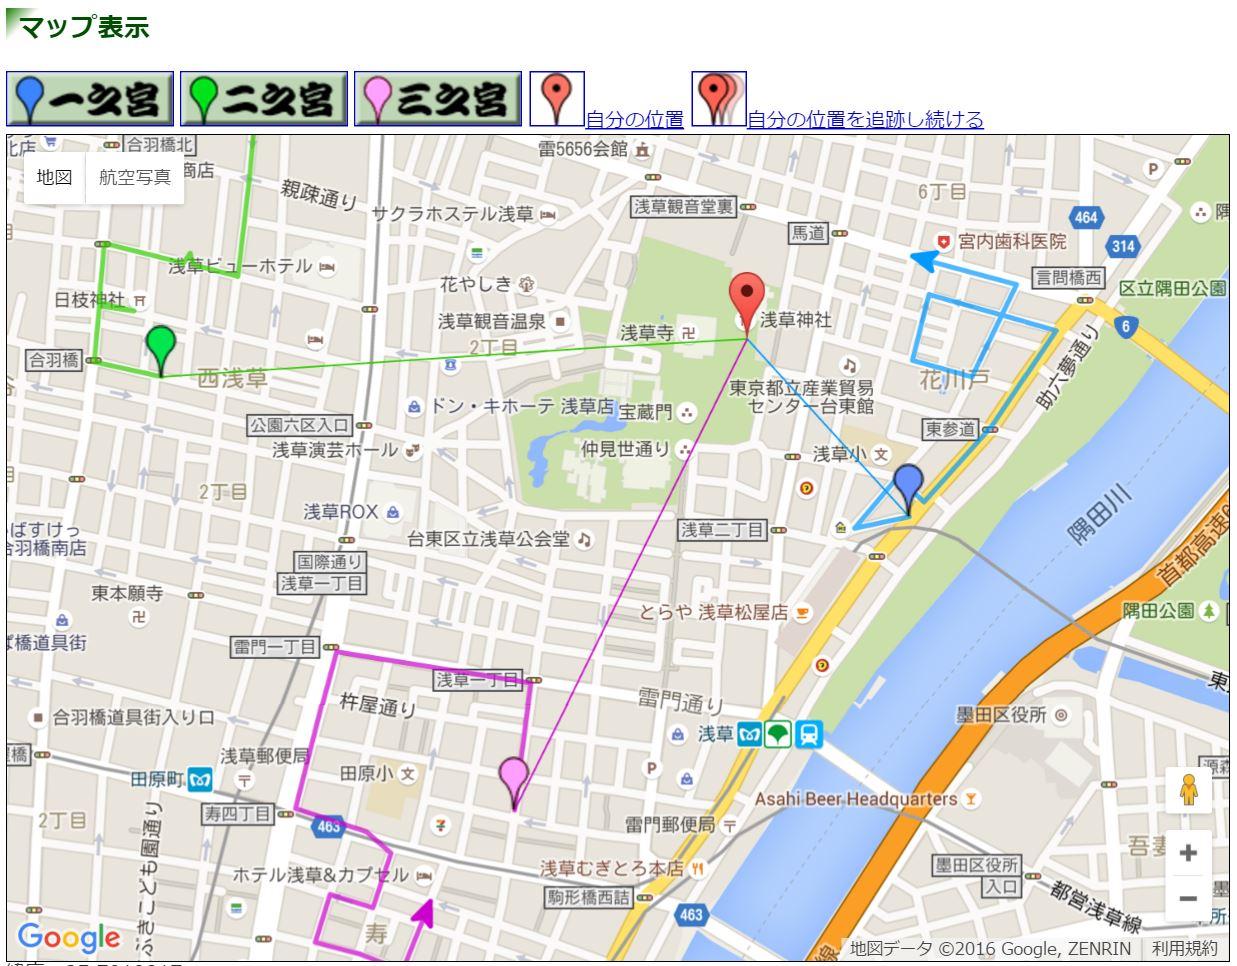 2015GPSmap